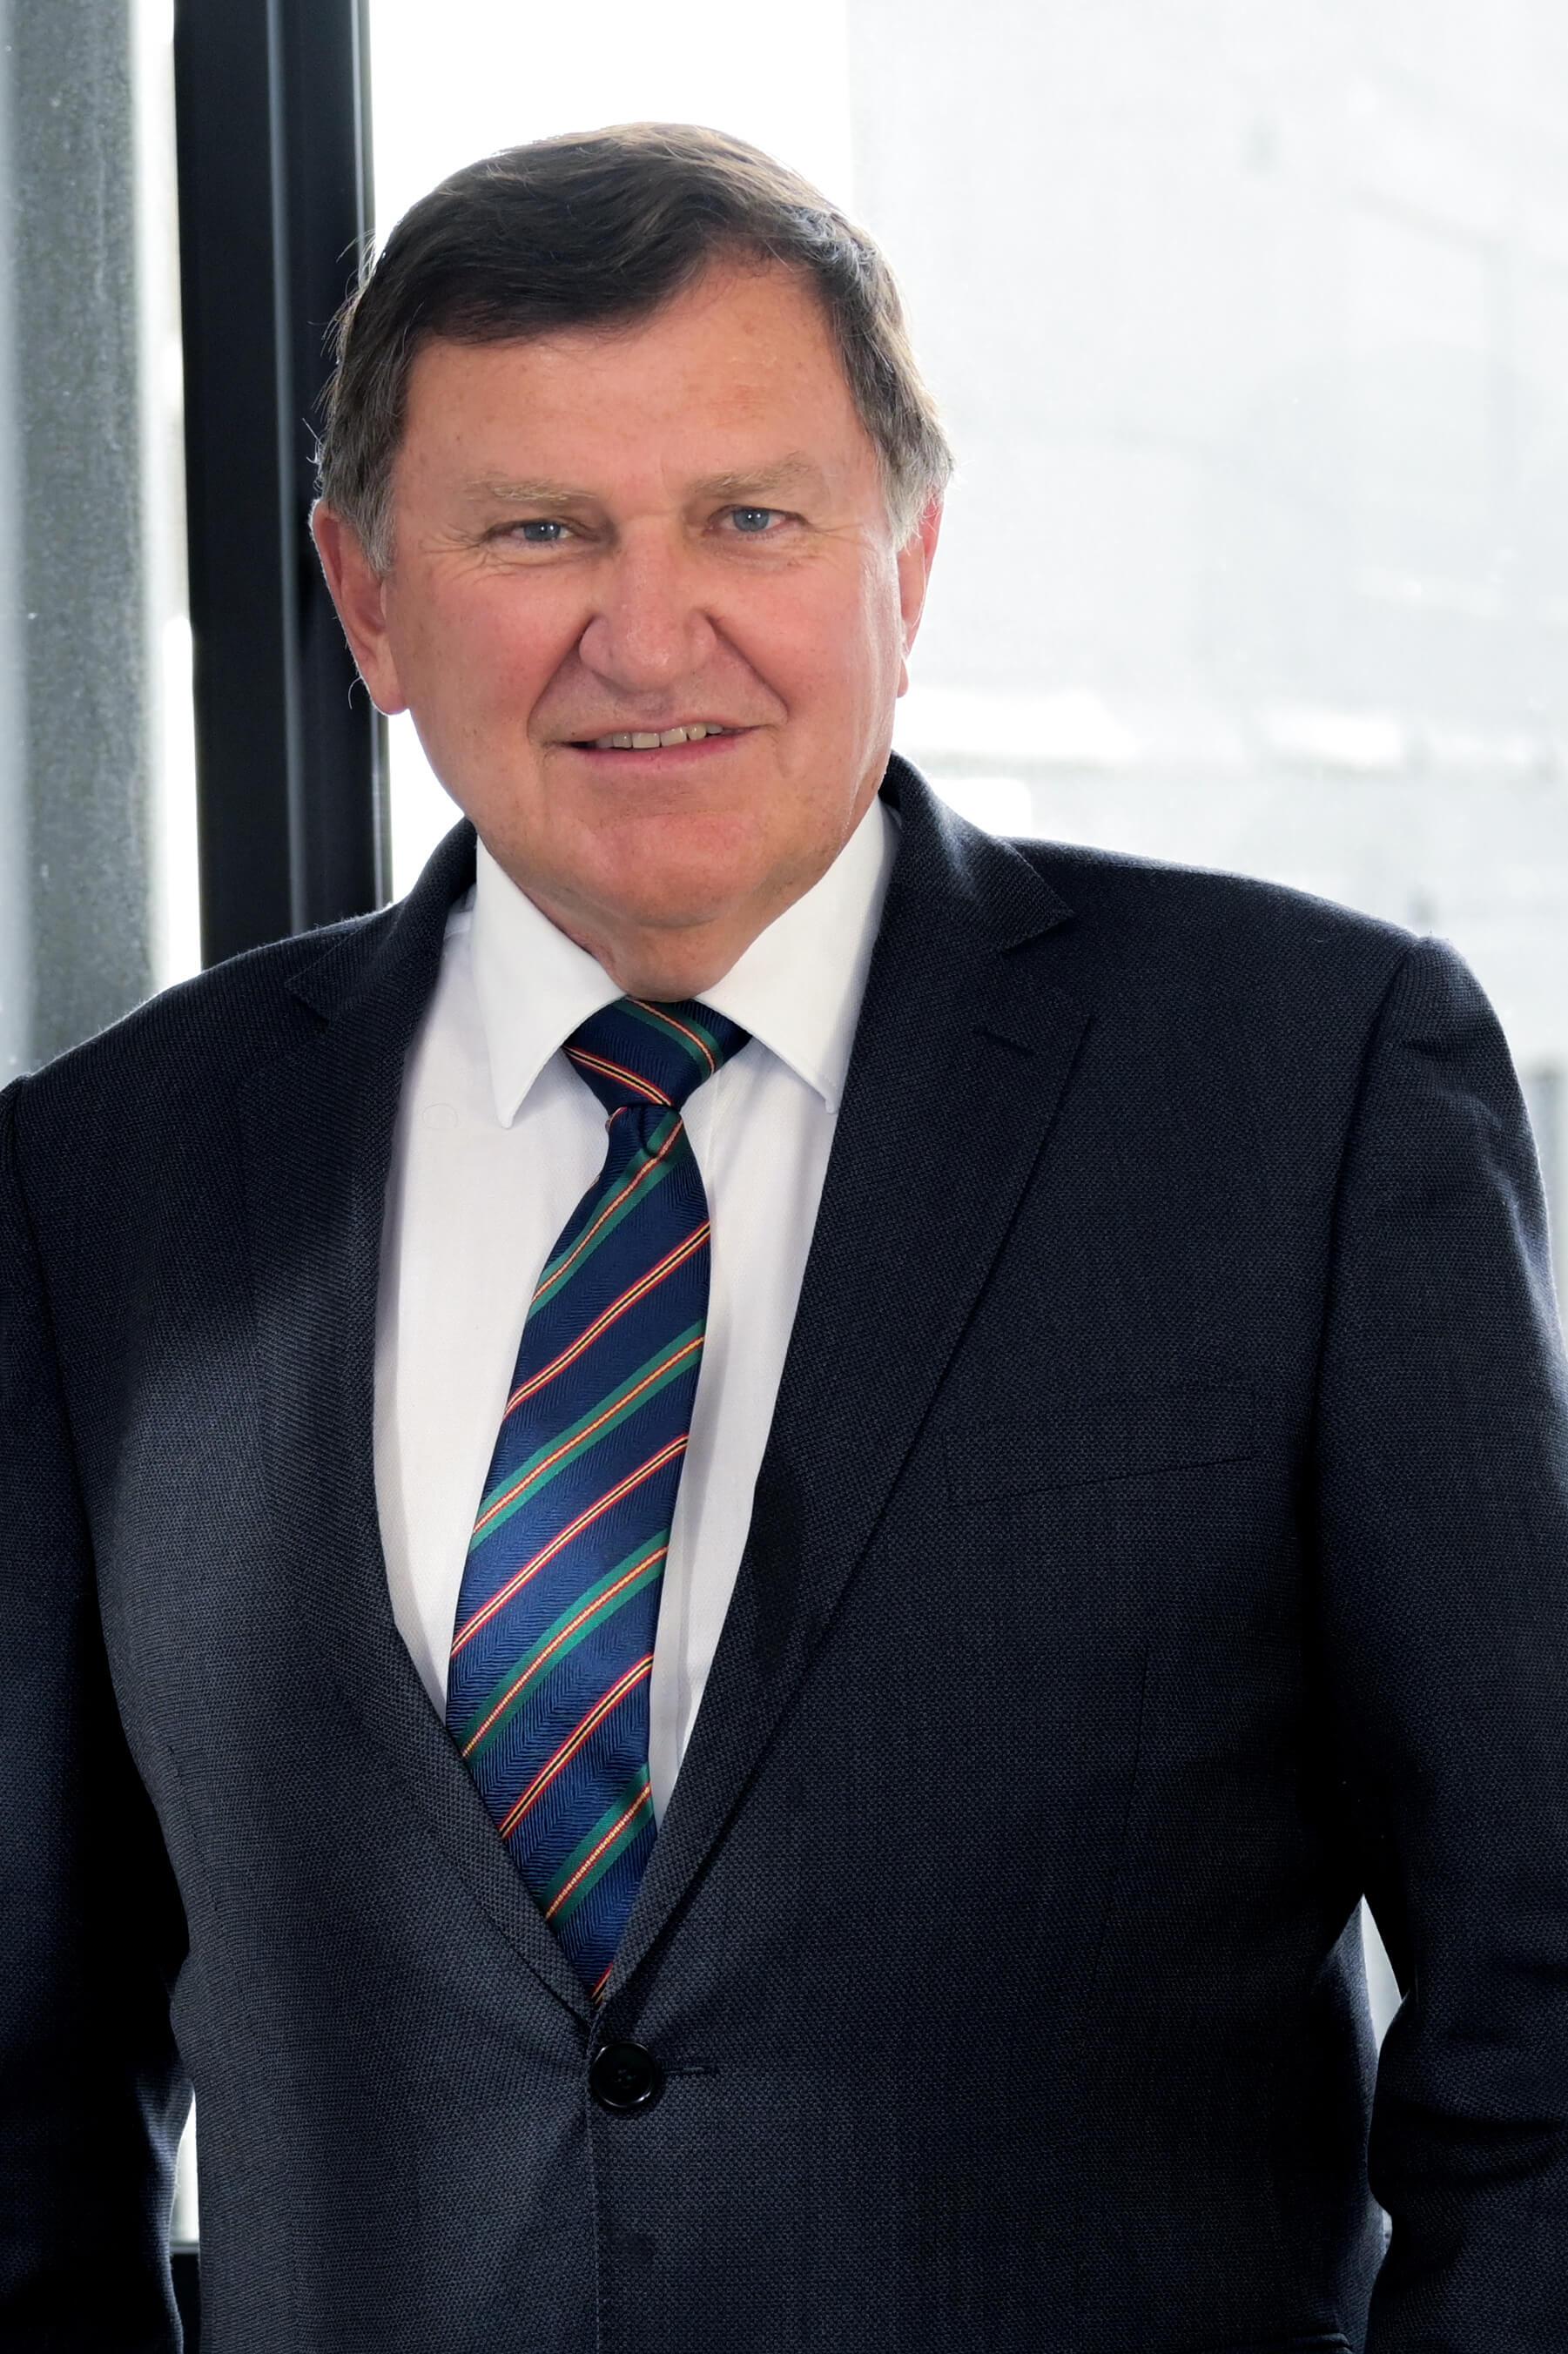 Geoff Shearer